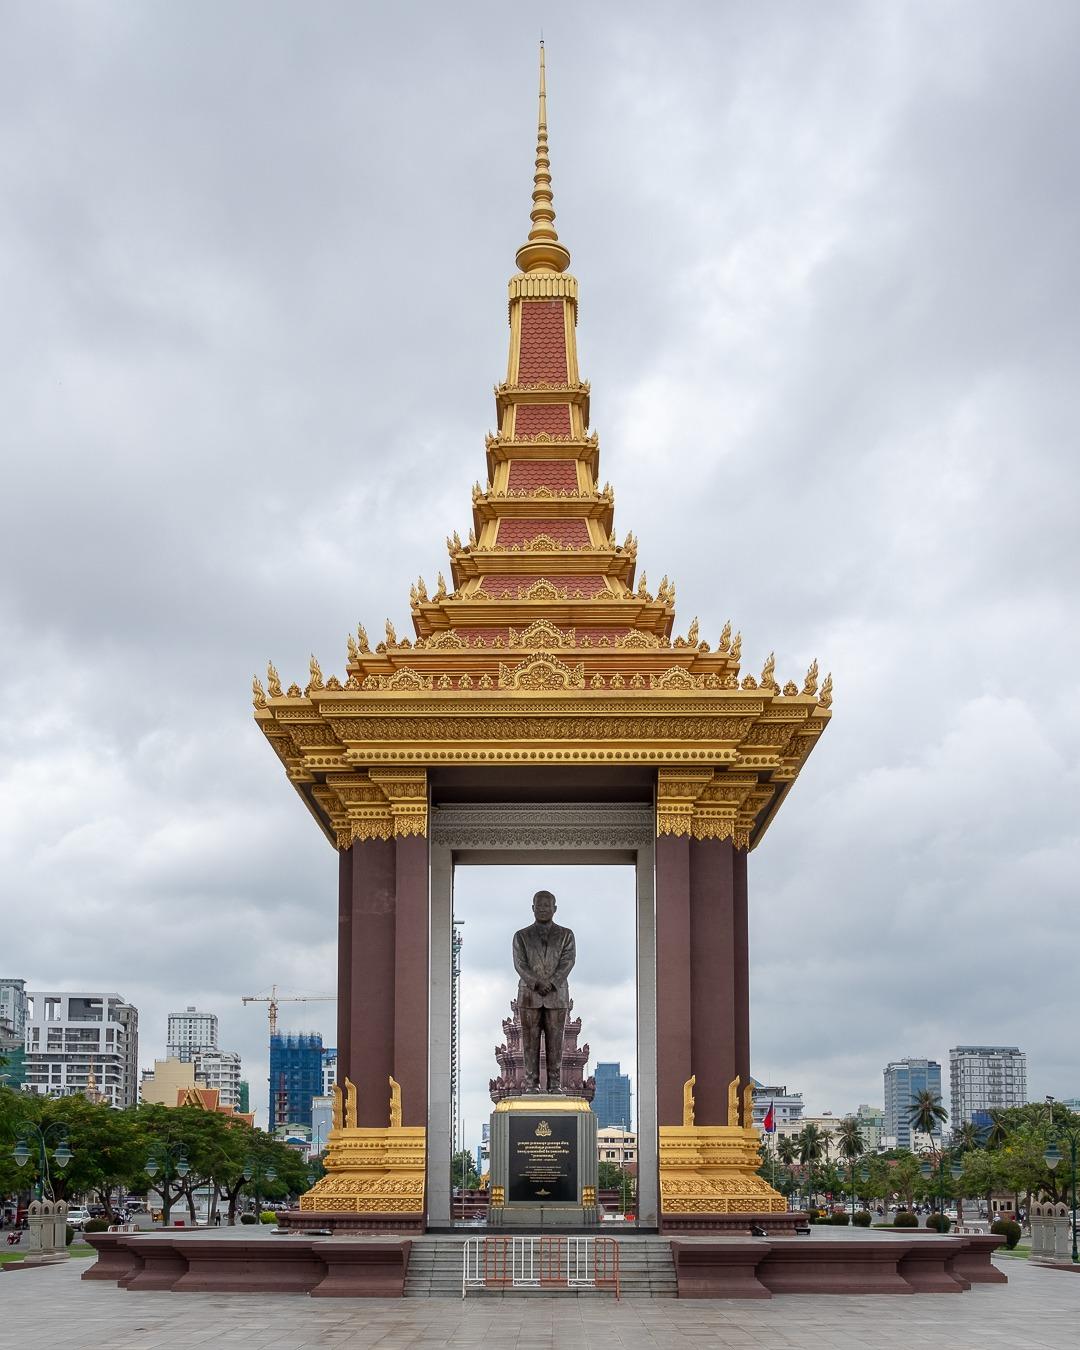 En hommage à l'ancien roi Norodom Sihanouk, le Cambodge a inauguré une magnifique statue en bronze le représentant.